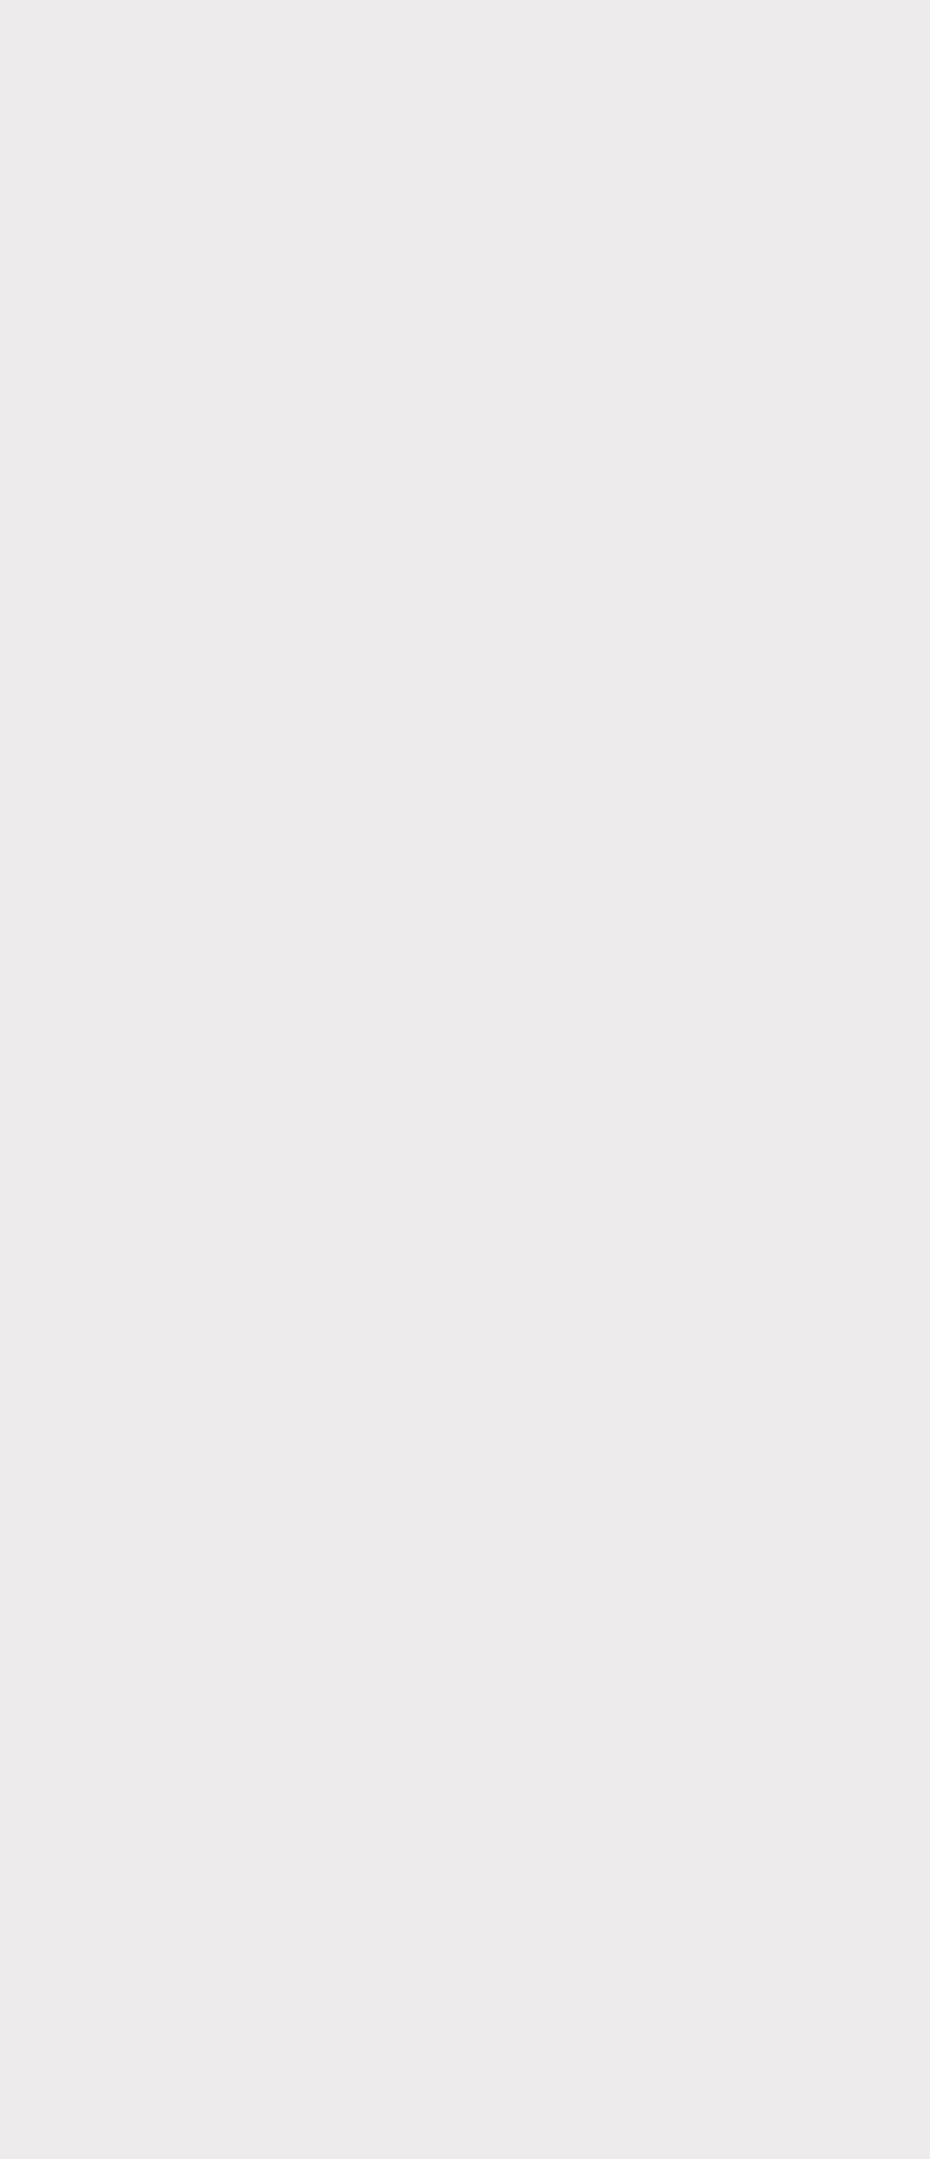 Coup de pinceau vertical